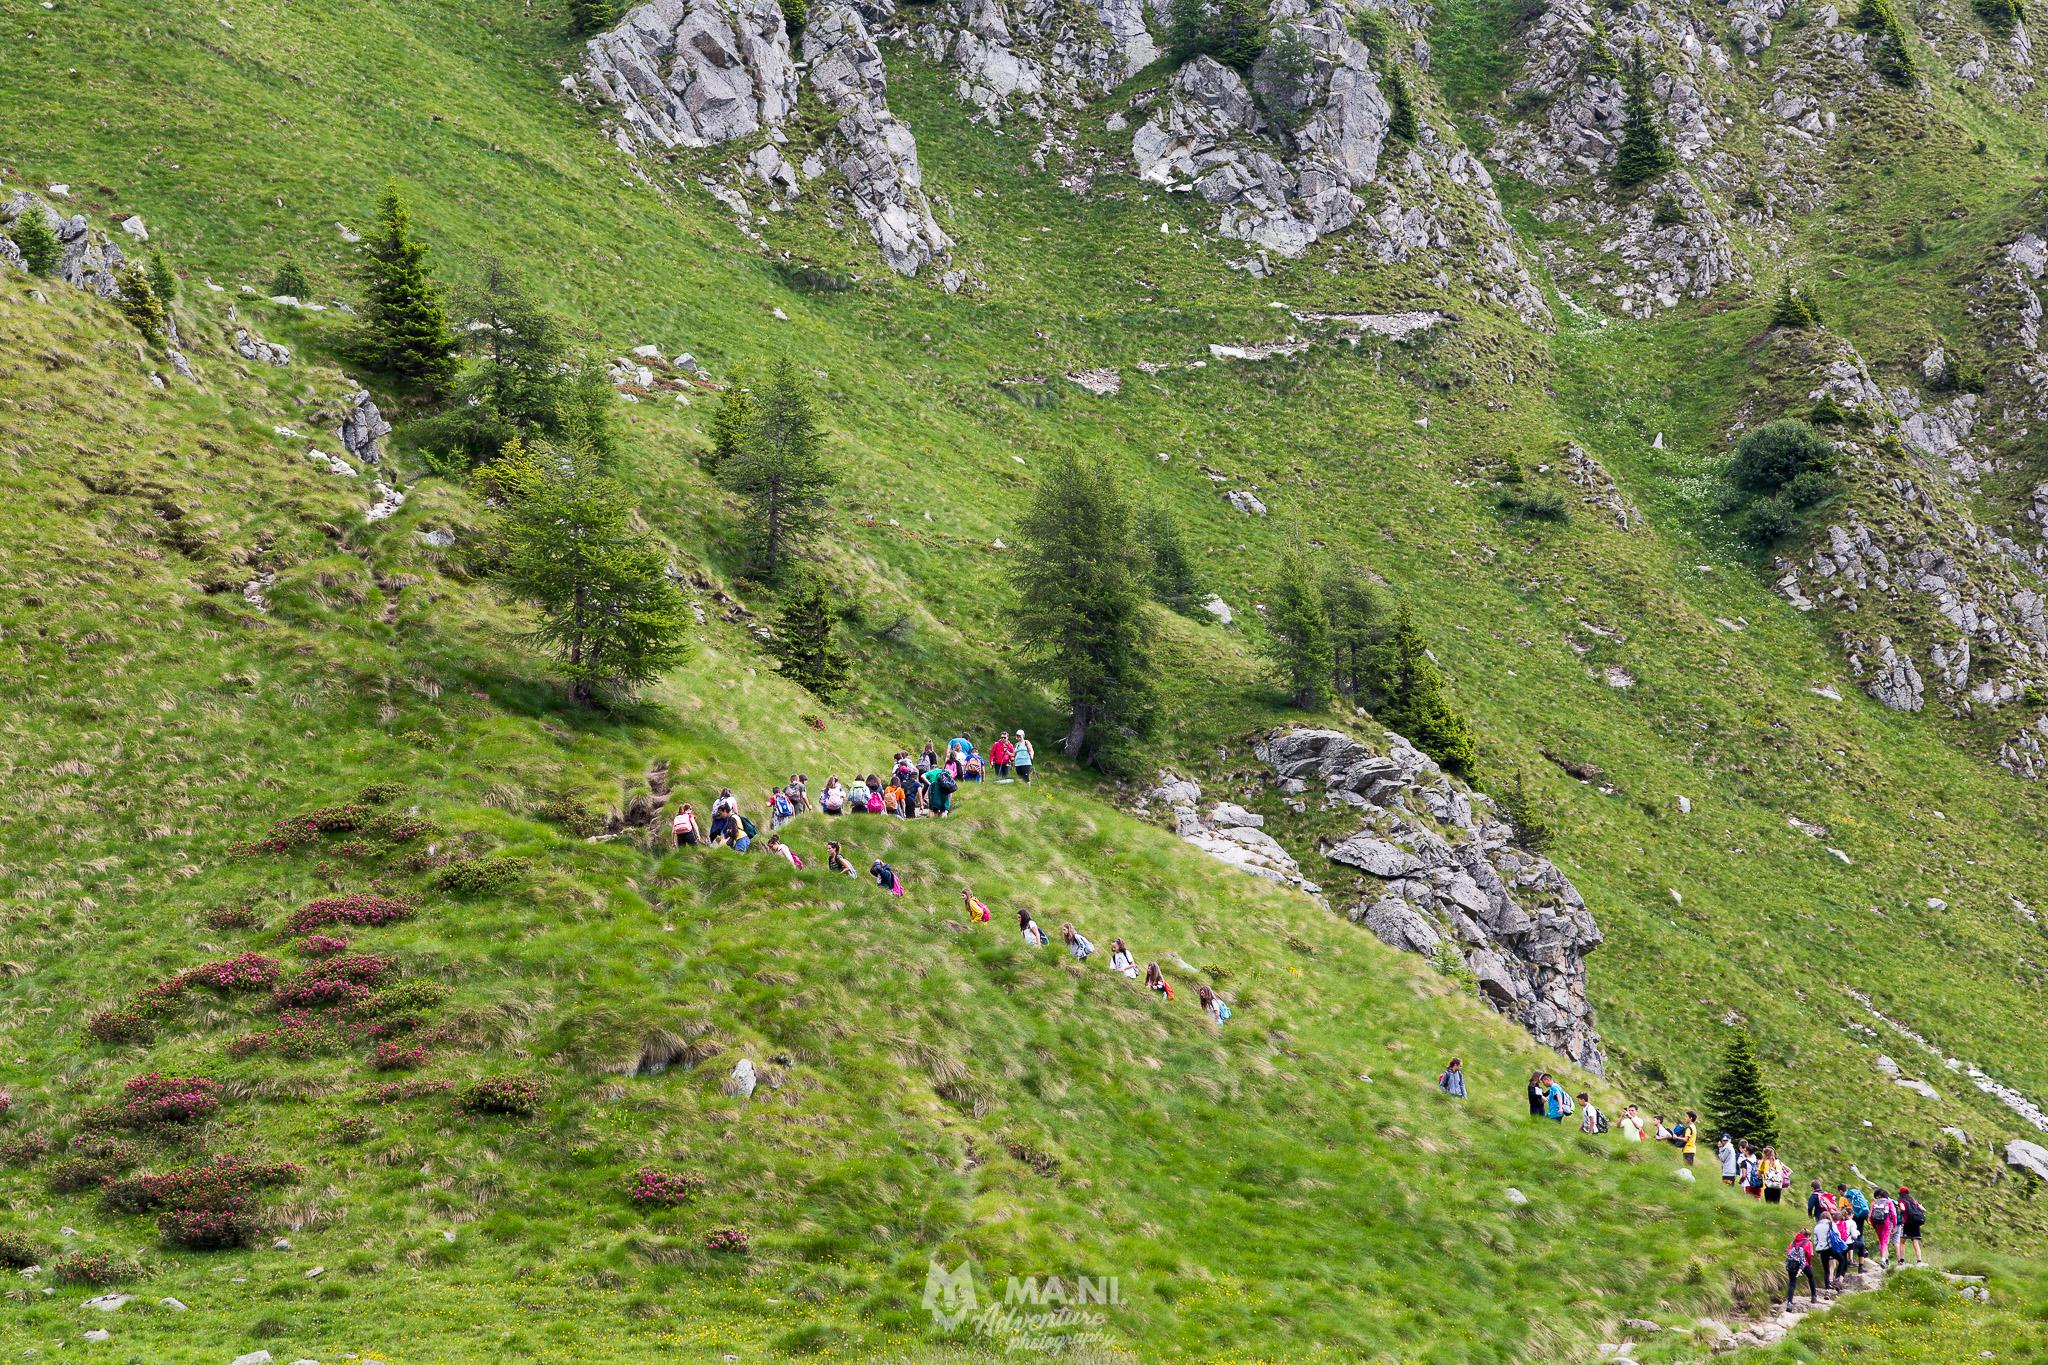 Il valore della fatica in gruppo come da soli, lungo un tipico zigzag risalendo un ripido sentiero.